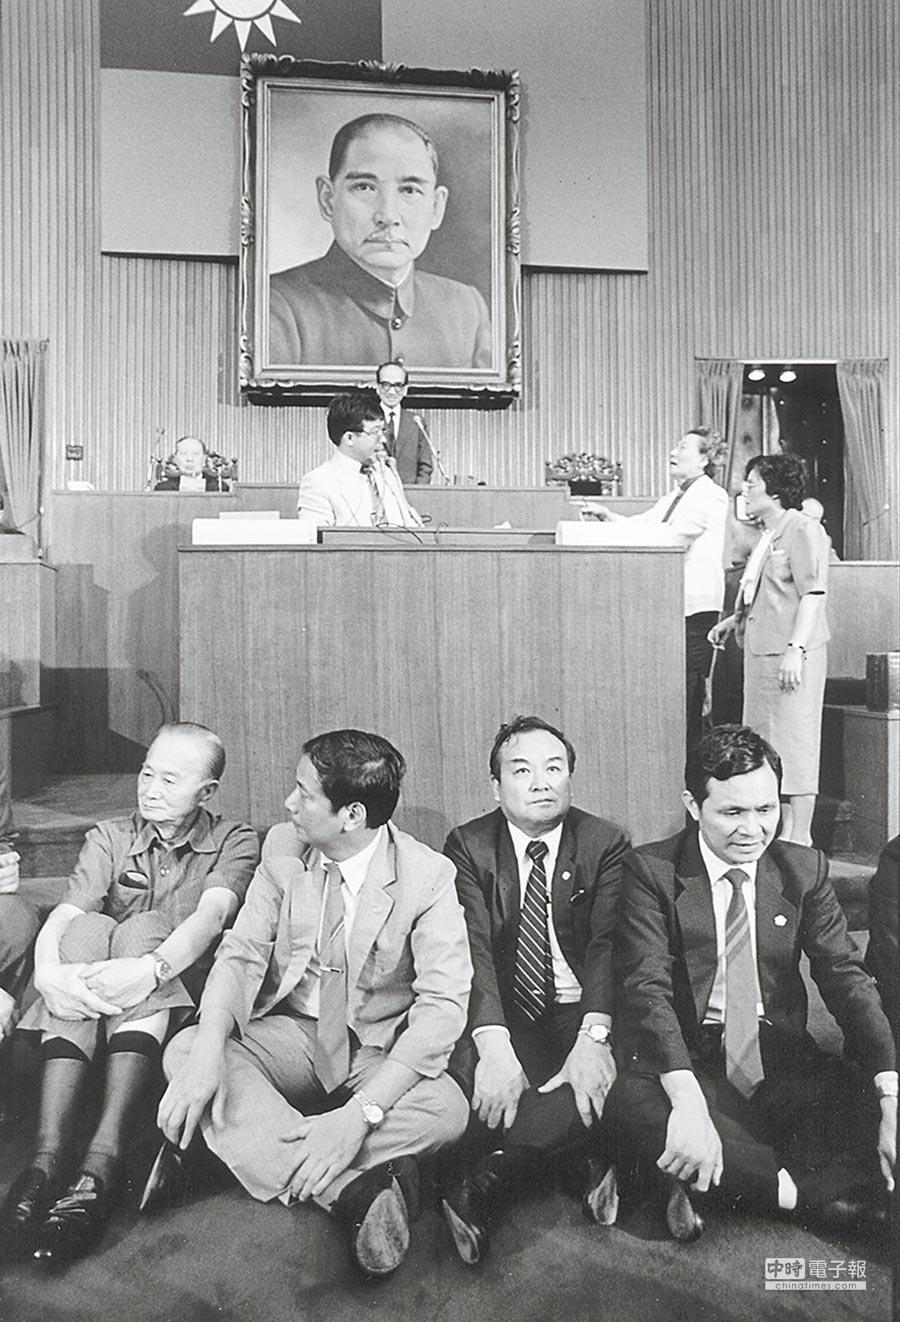 當年民進黨帶頭反對《國安法》,如今卻反過來擁護、擴大。右一為現任促轉會主委黃煌雄。(本報資料照片)